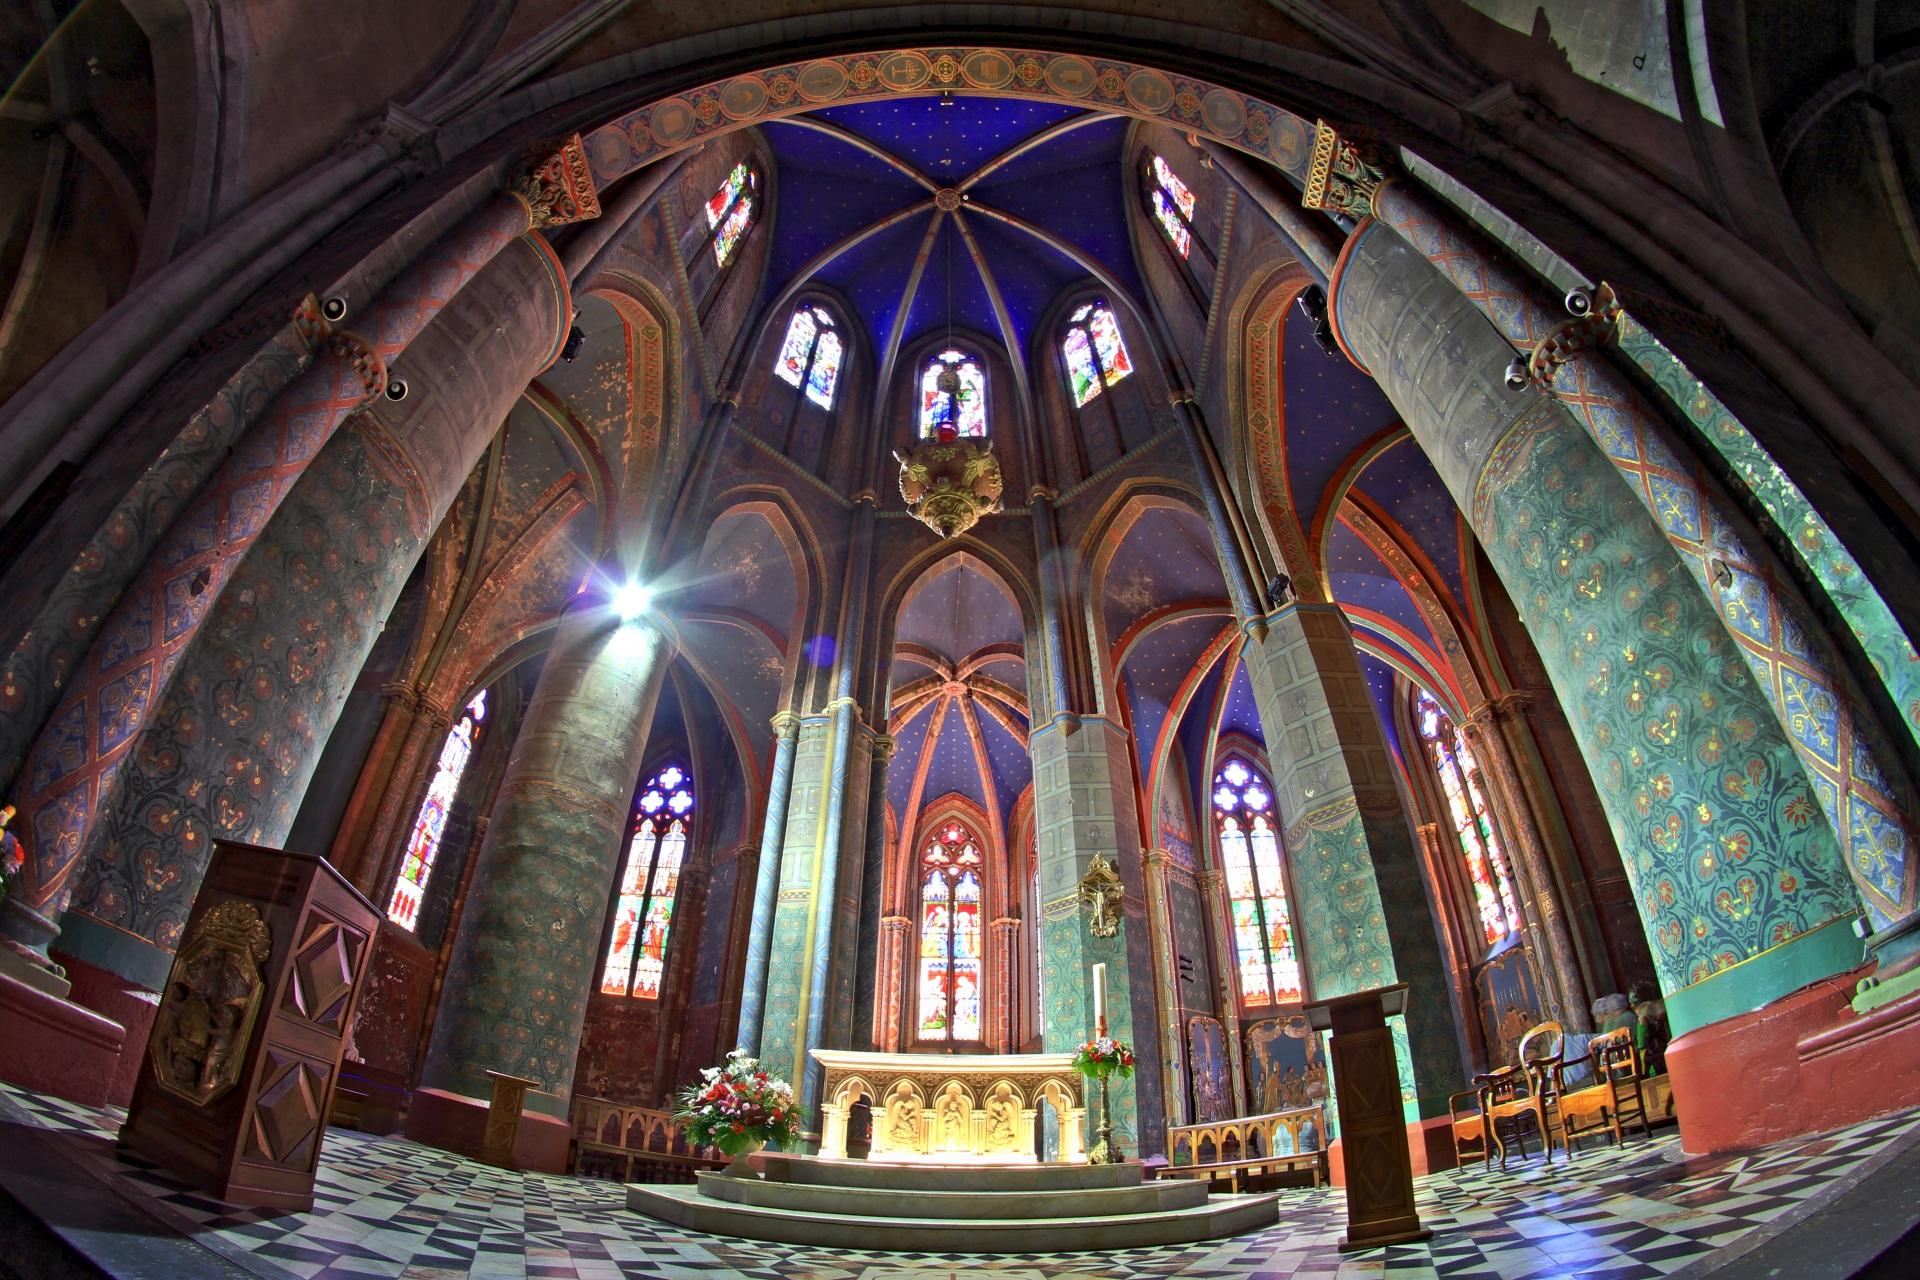 La cathédrale d'Oloron-Sainte-Marie vandalisée, le trésor volé